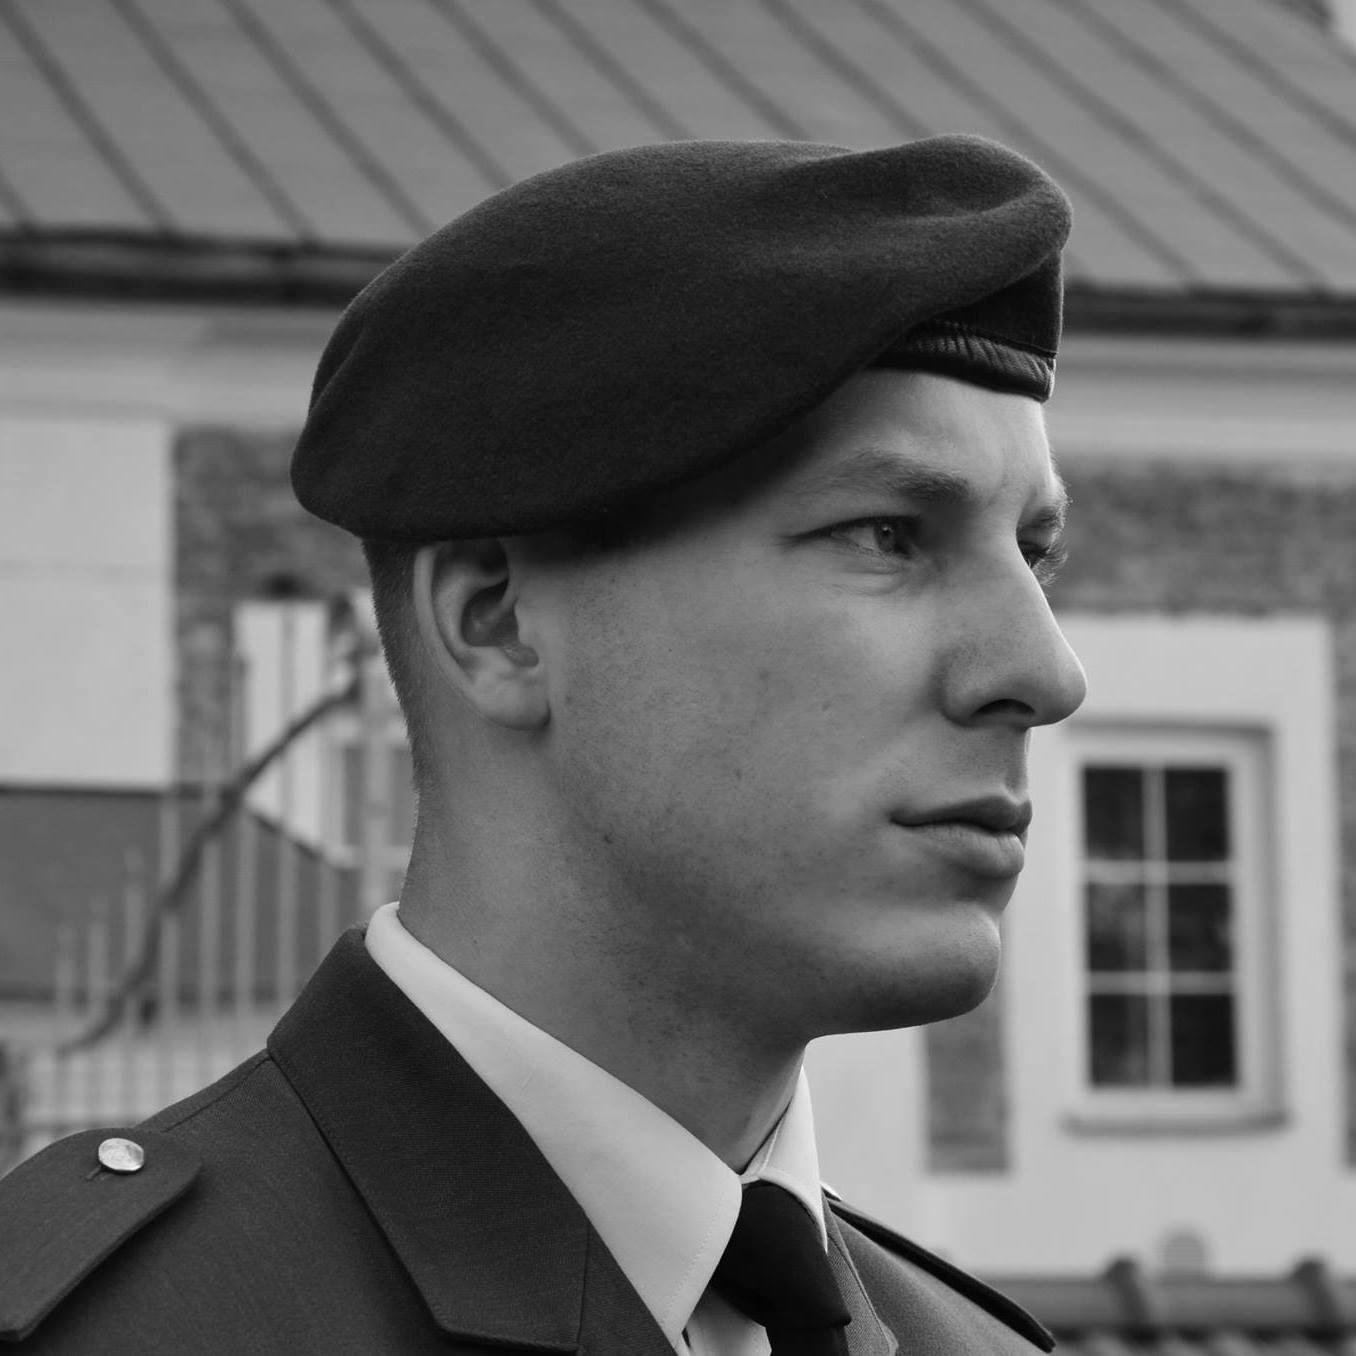 Pasak Lietuvos šaulių sąjungos atstovo Tado Venskūno, tinkamiausias būdas ugdyti vertybes yra asmeninis pavyzdys. / Asmeninio archyvo nuotr.